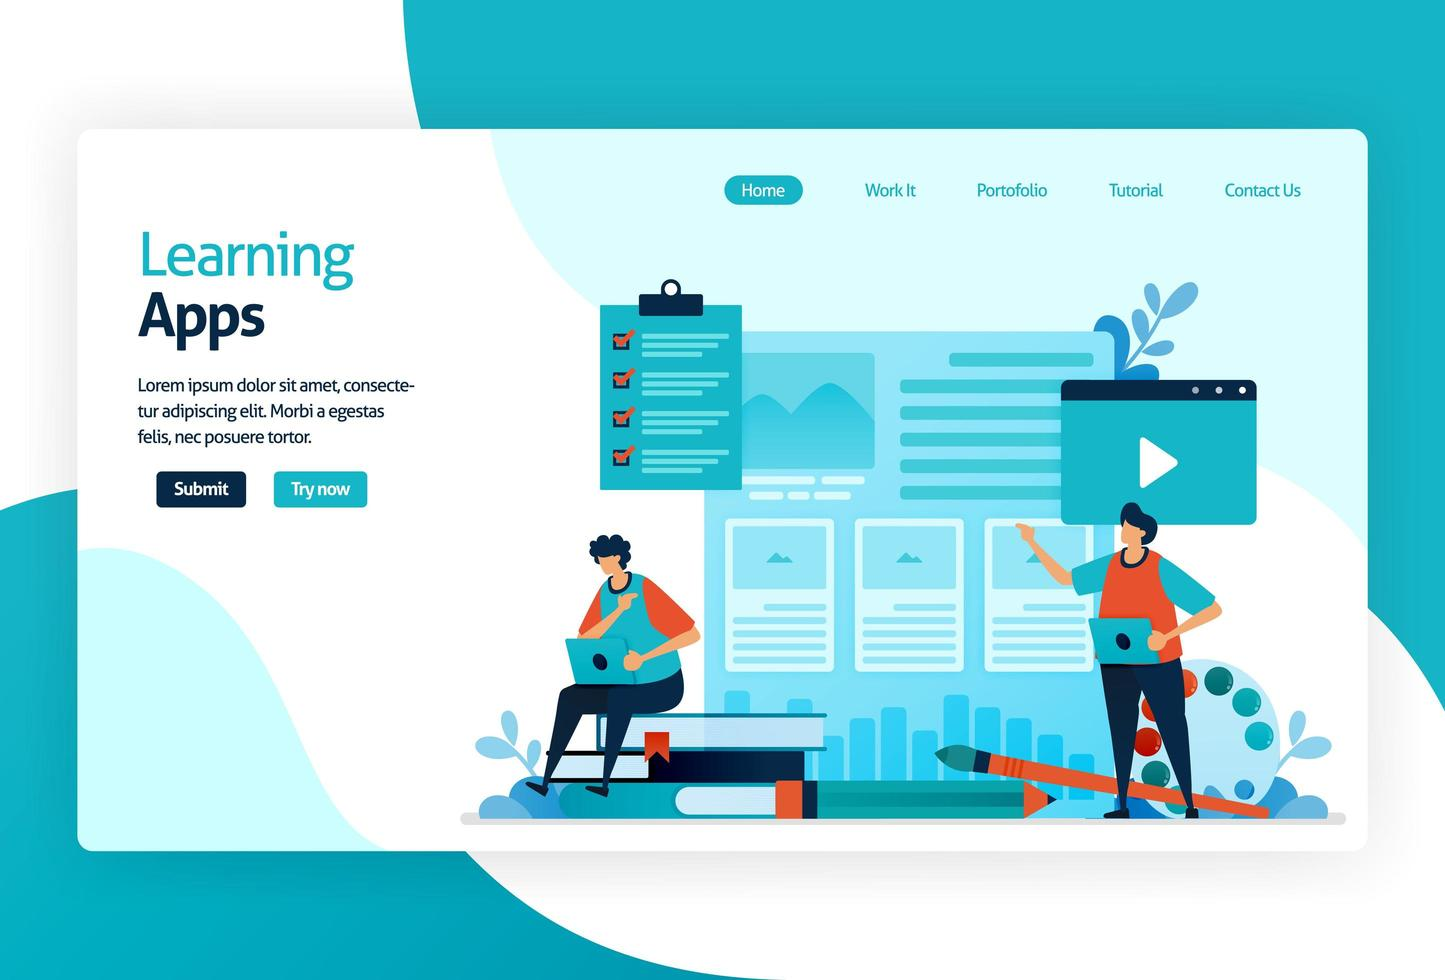 illustrazione della pagina di destinazione per le app di apprendimento. processo educativo di apprendimento di conoscenze, abilità, valori, credenze e abitudini. tecnologia digitale nell'insegnamento, formazione, narrazione, discussione. vettore